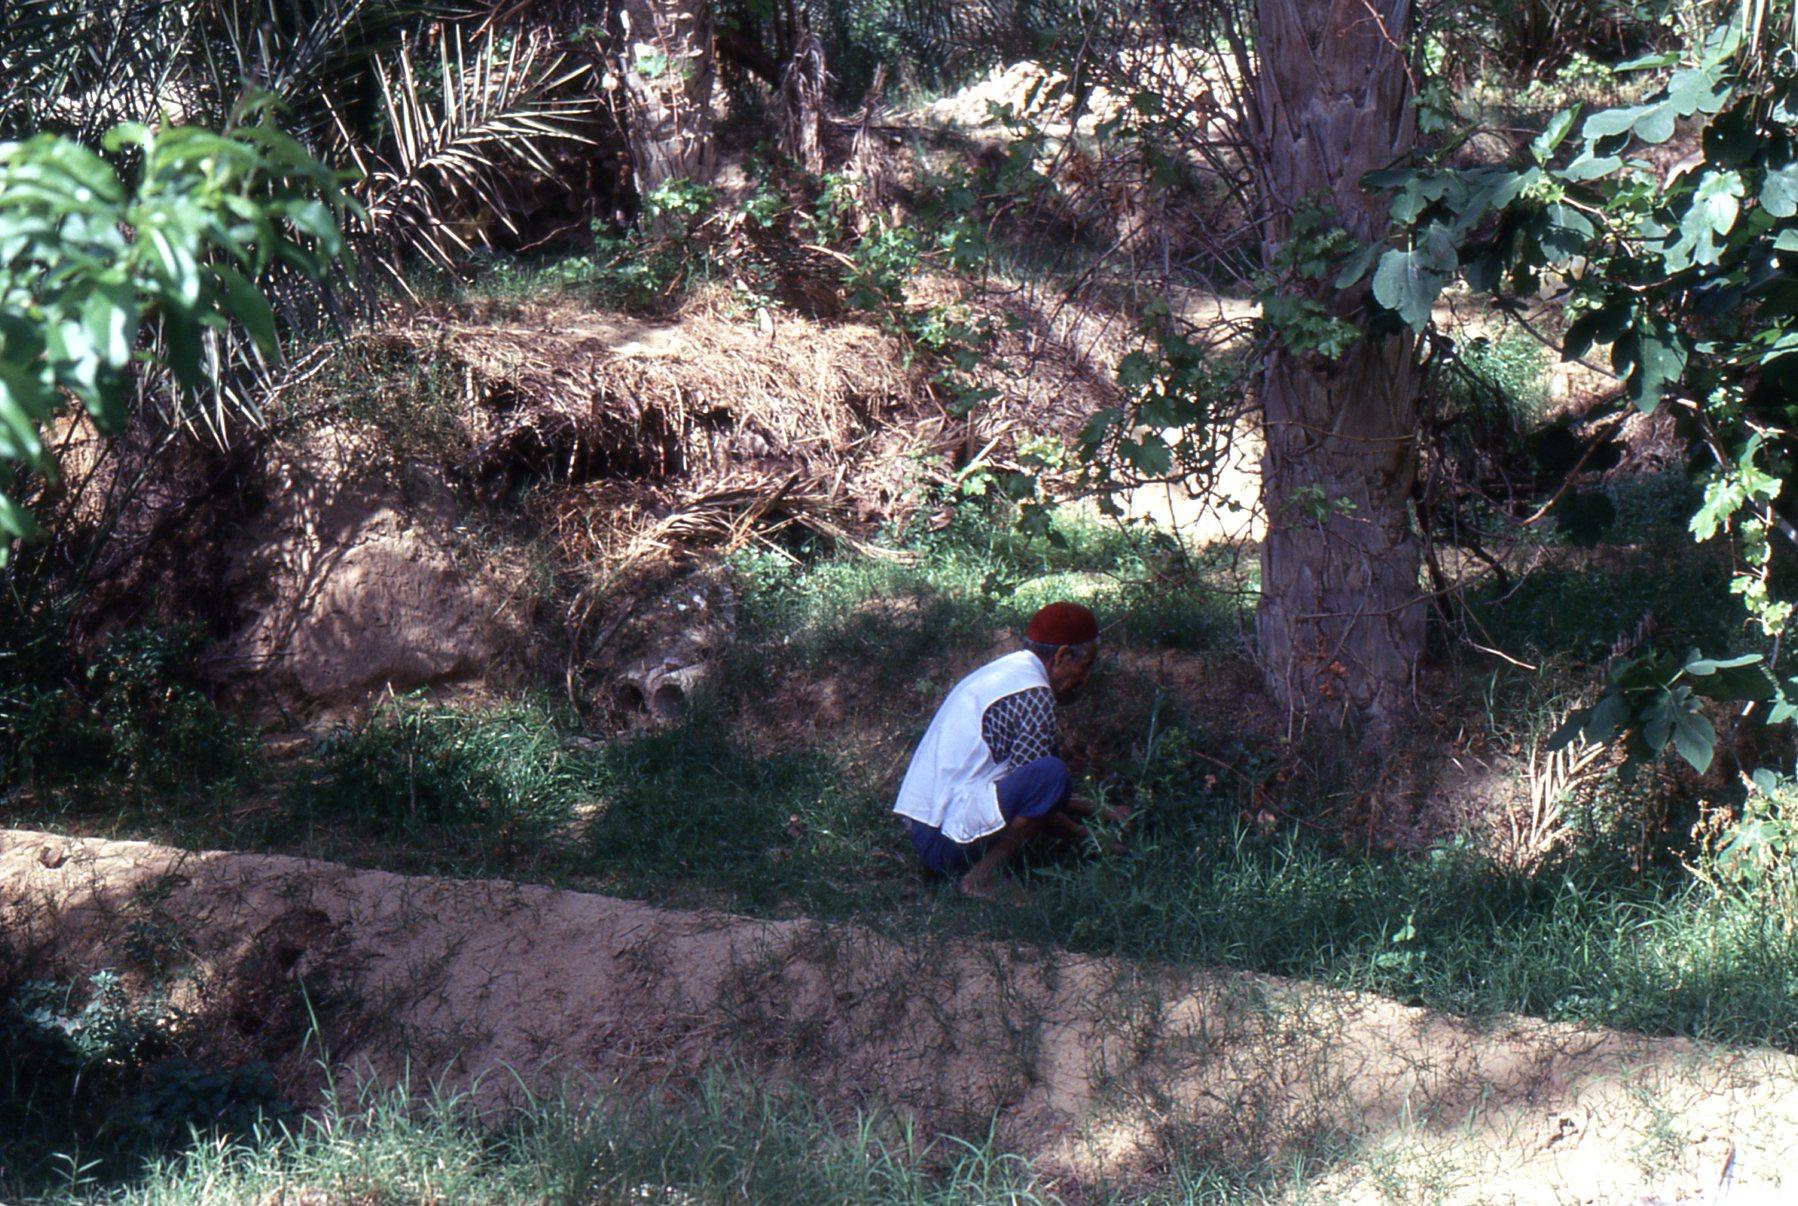 Nell'oasi, l'acqua viene raccolta in bacini di stoccaggio e utilizzata dall'agricoltore per l'irrigazione delle singole parcelle di terreno